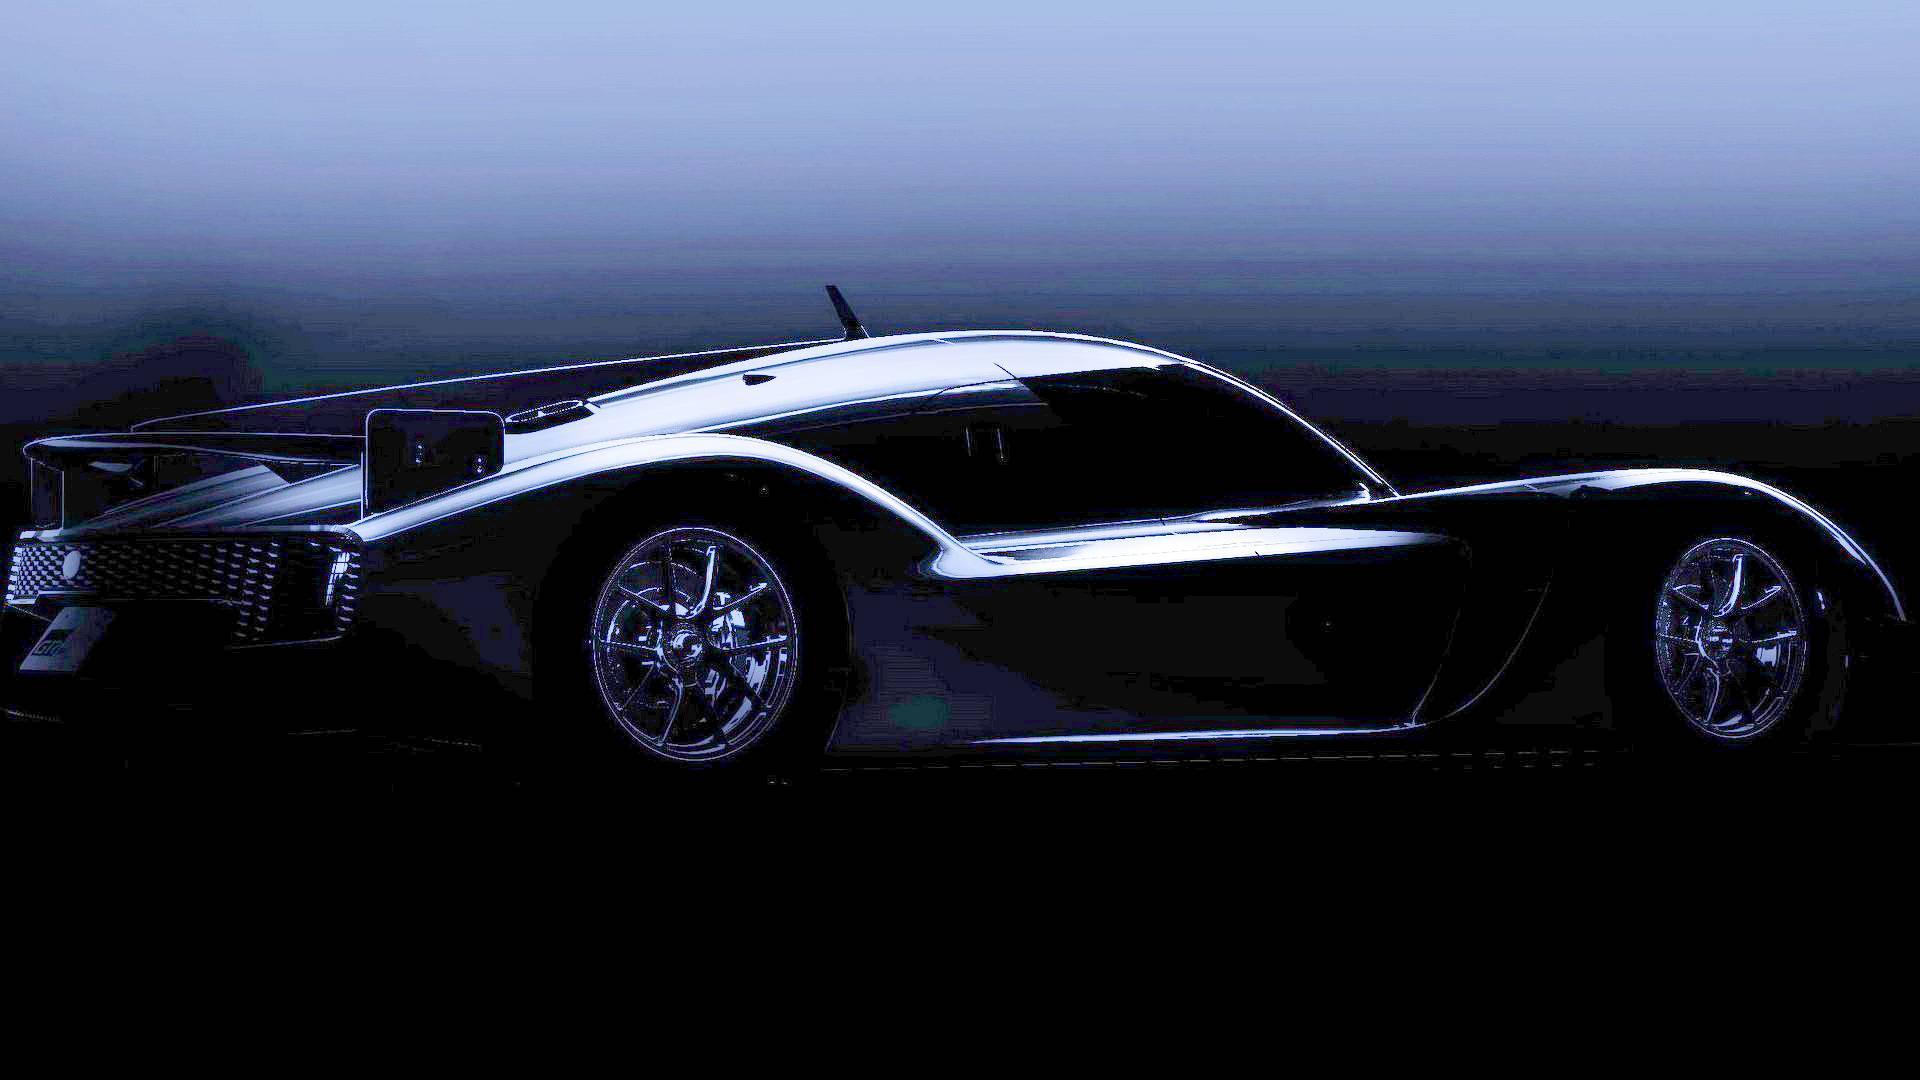 Toyota Teases Racy Gr Super Sport Concept Scion Fr S Forum